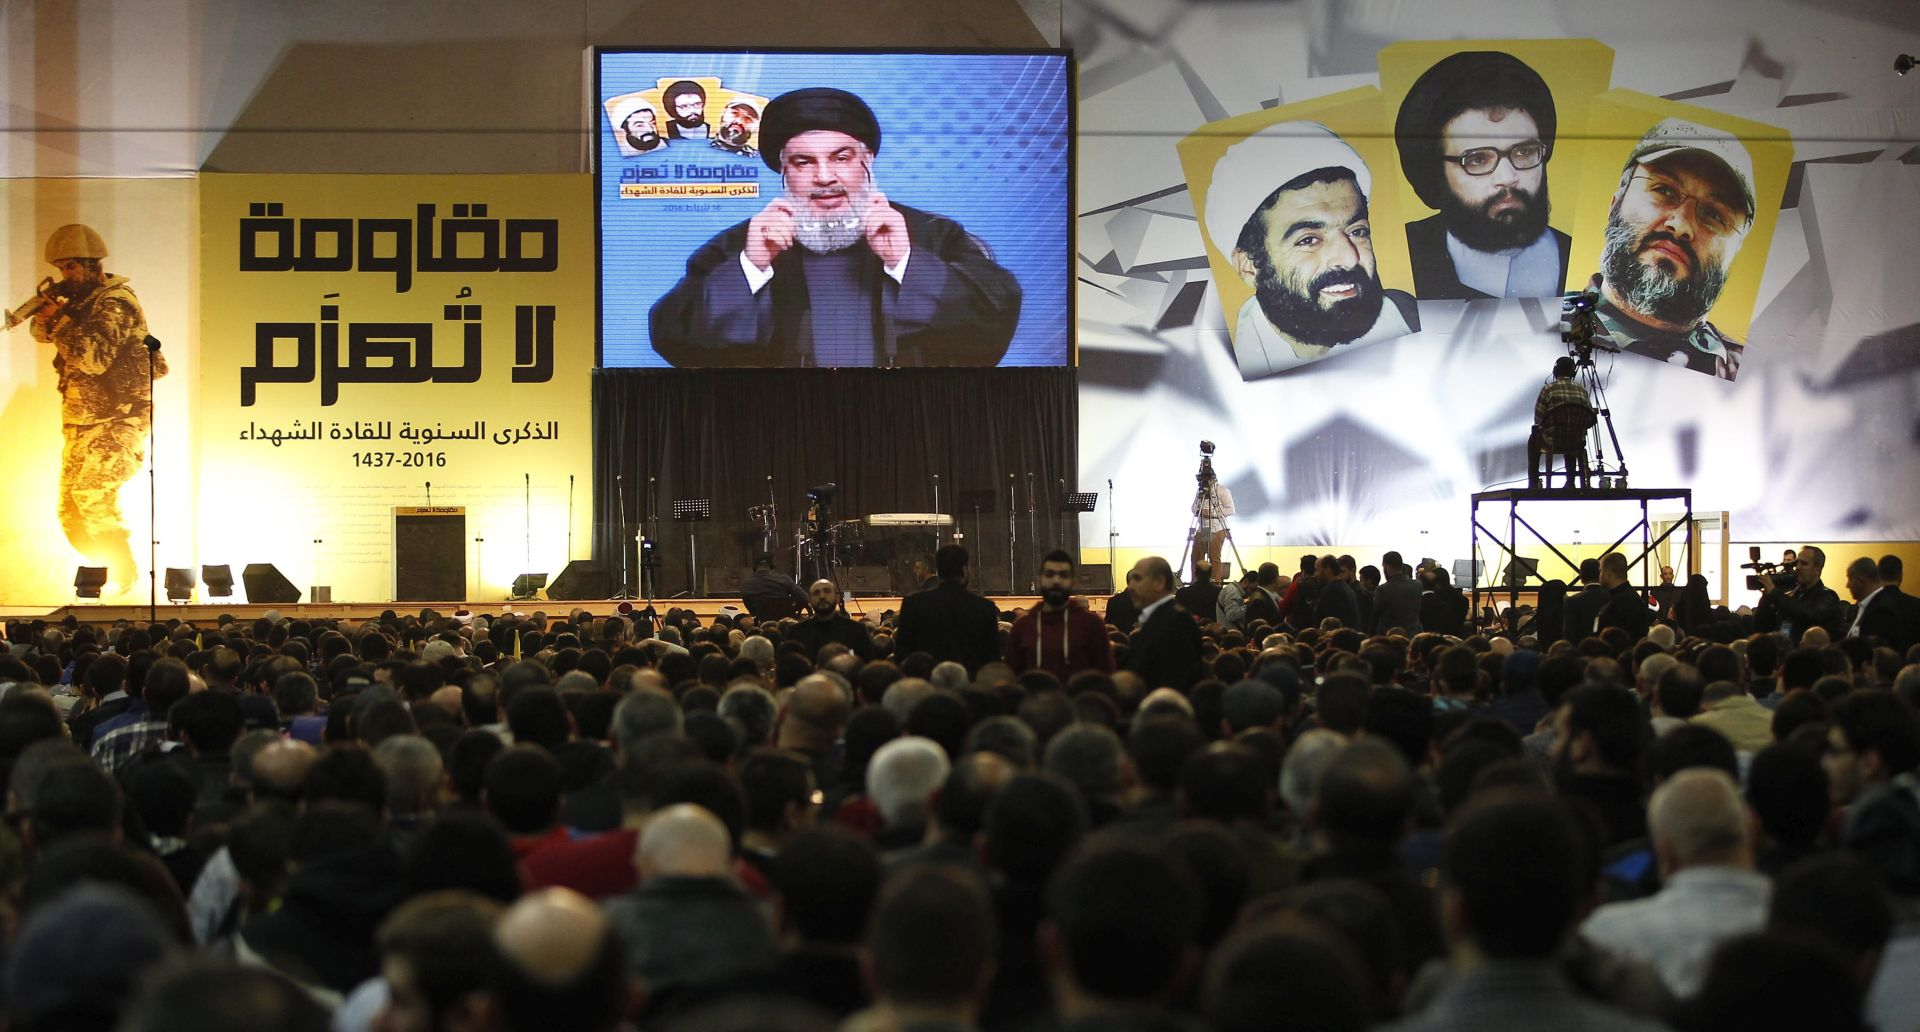 ODLUKA VIJEĆA: Arapska liga proglasila Hezbollah terorističkom skupinom